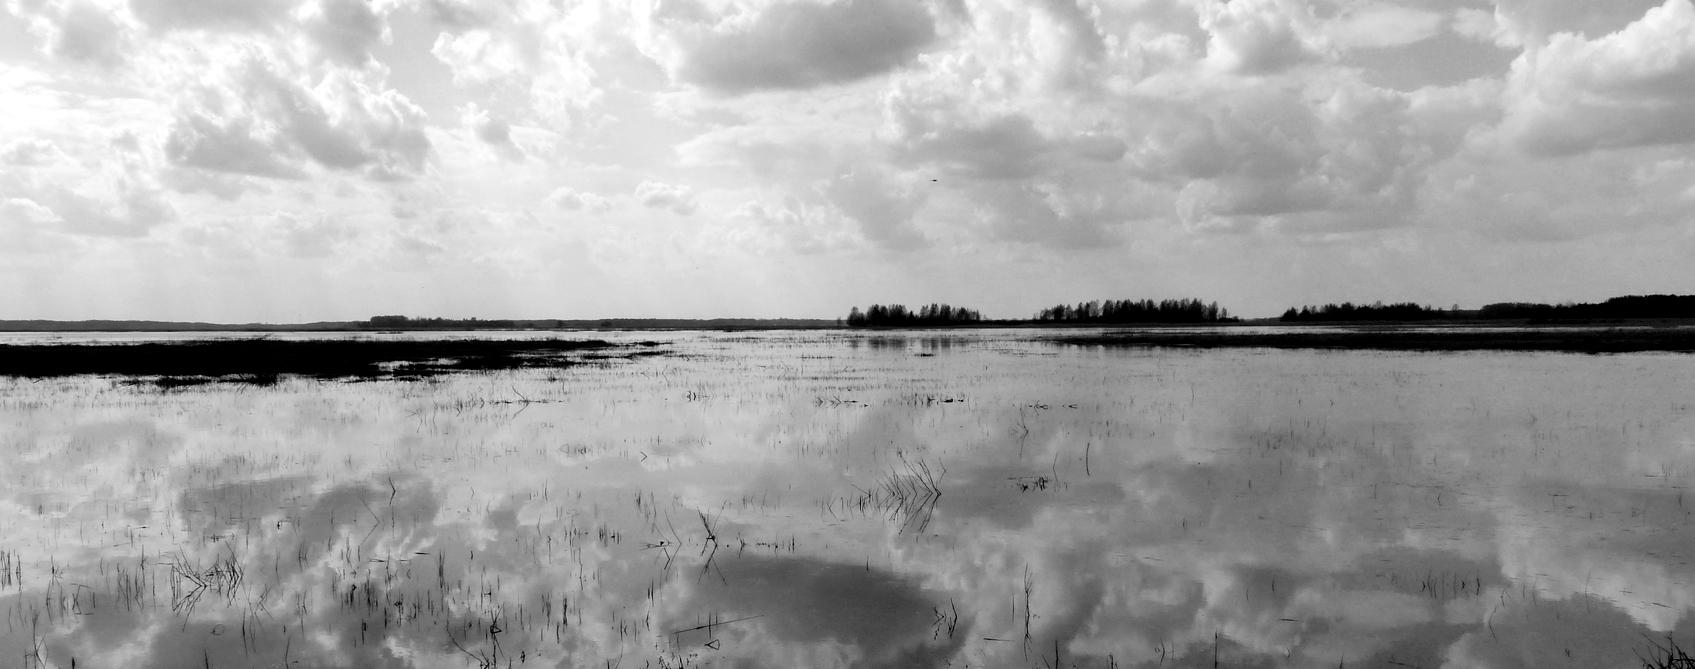 Big skies at Siemianowka Reservoir.